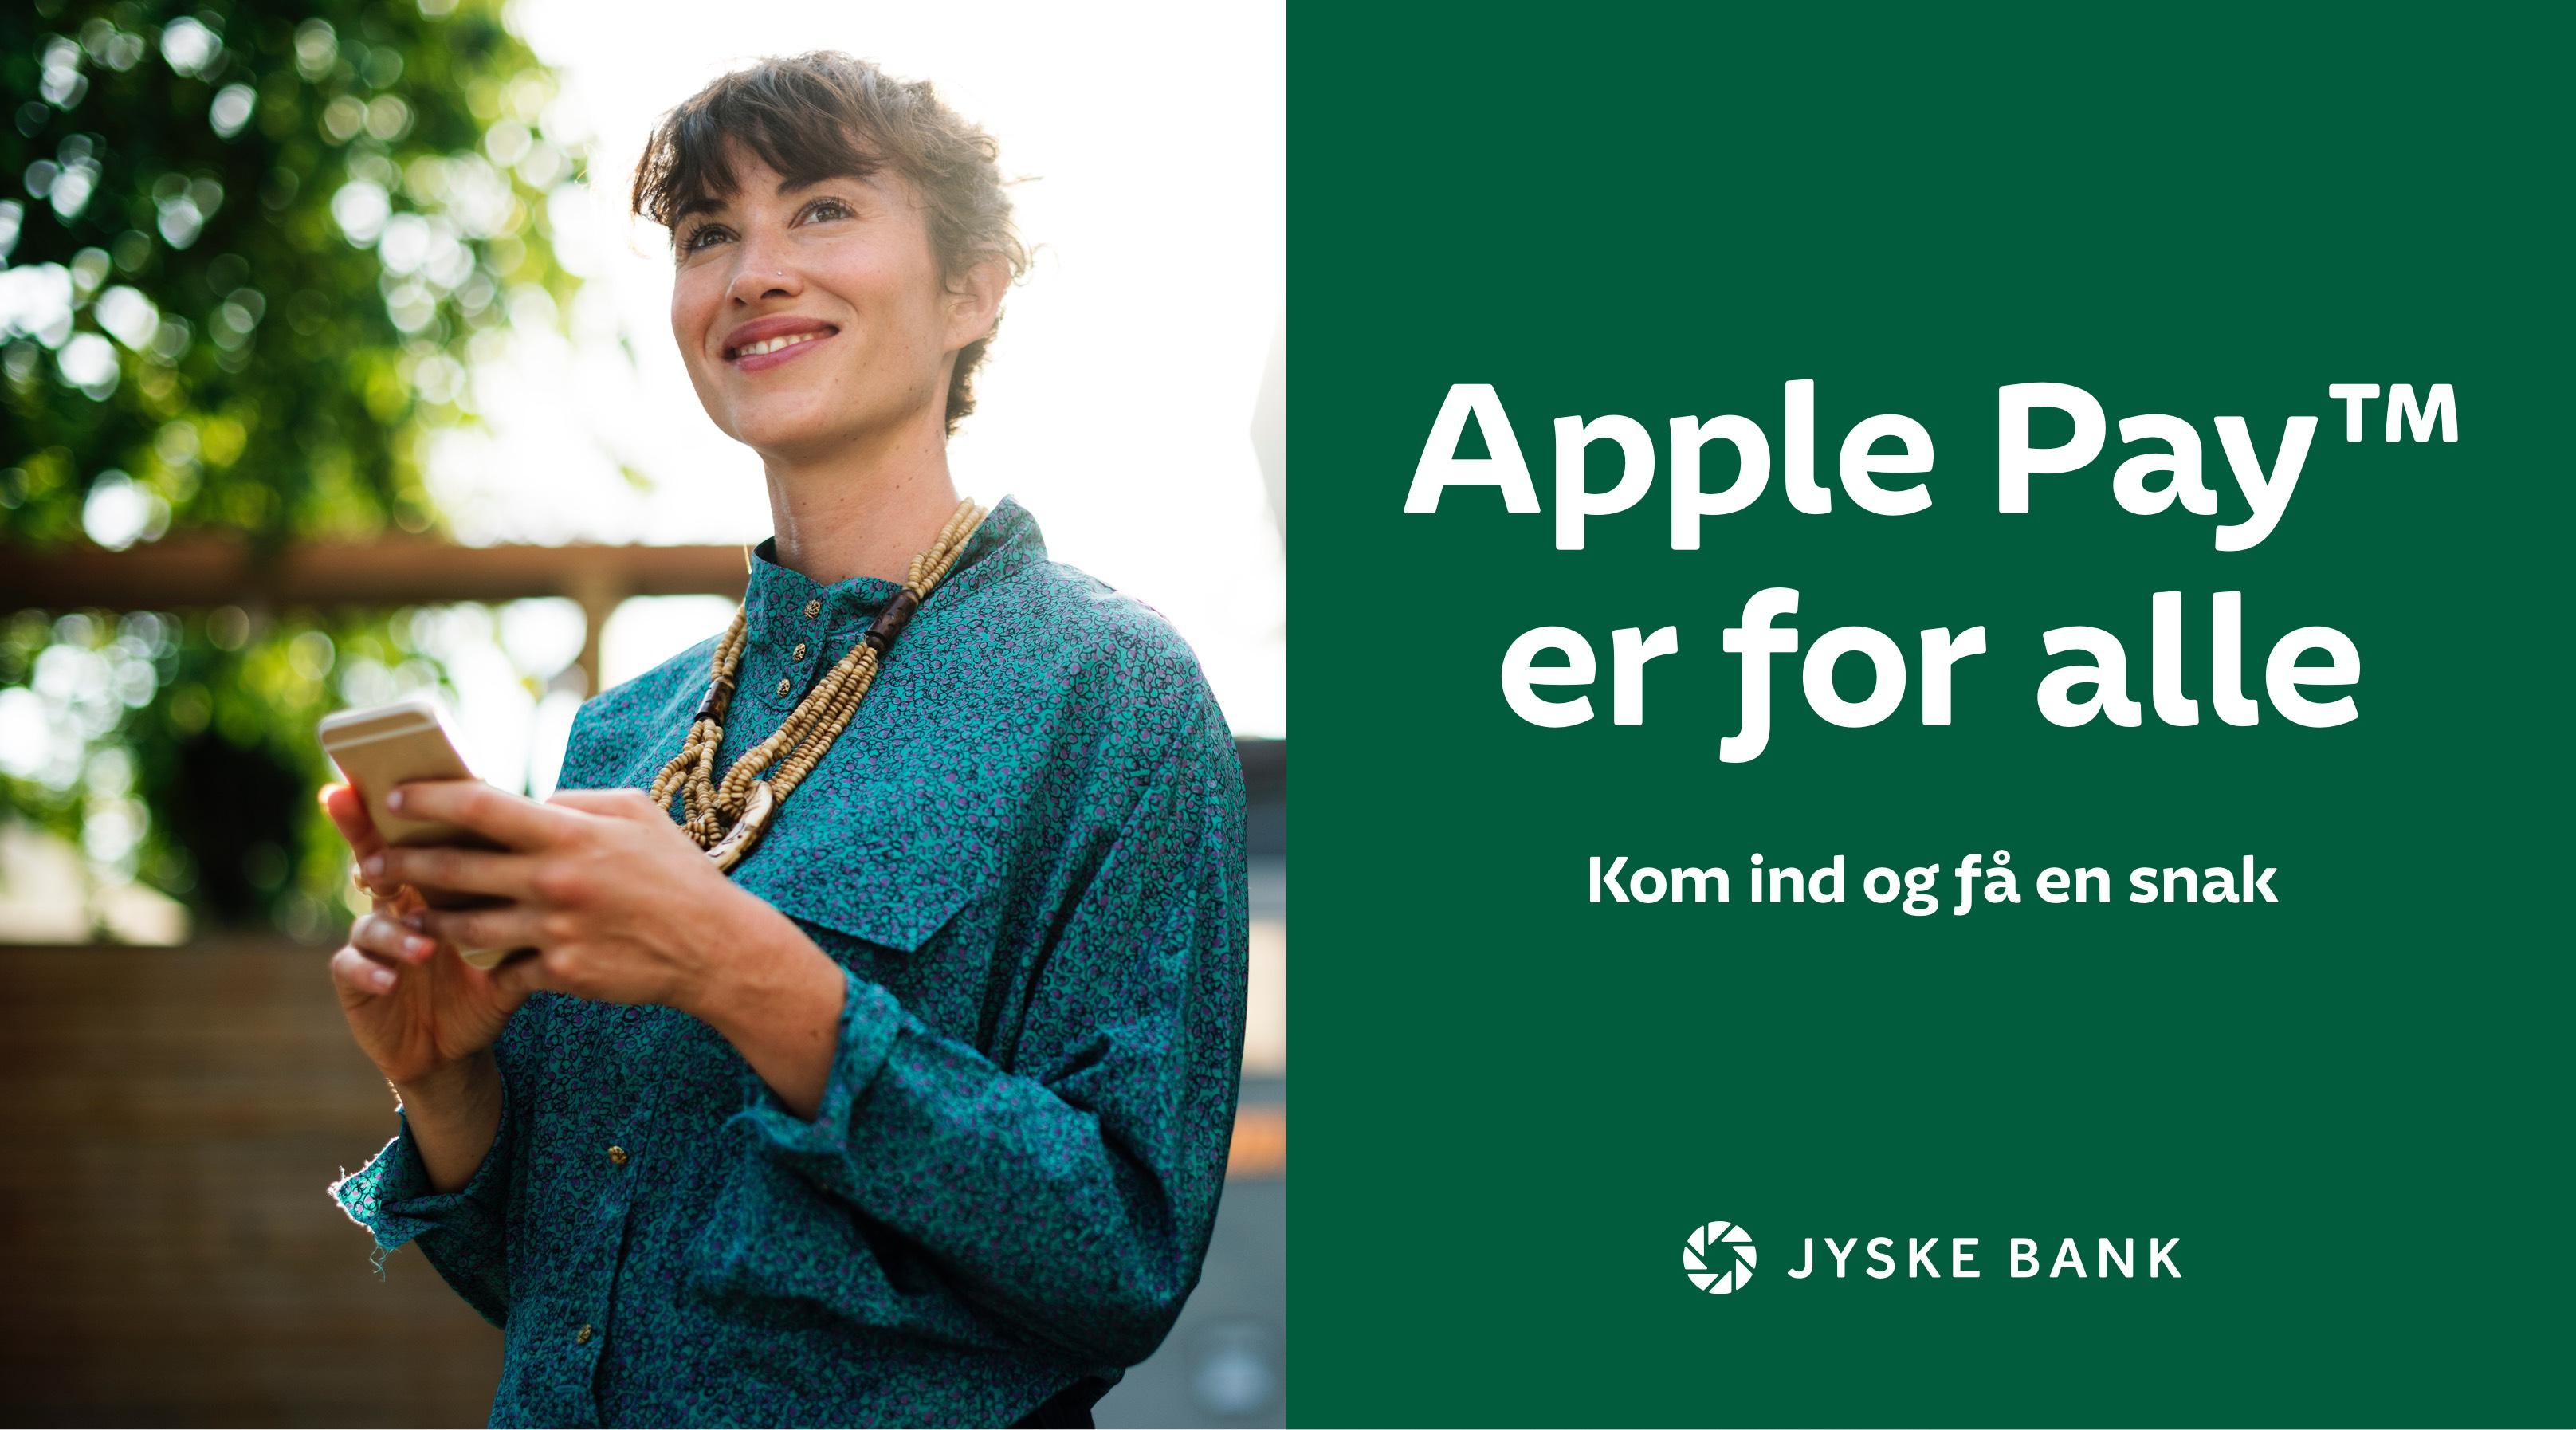 jyskebank_applepay